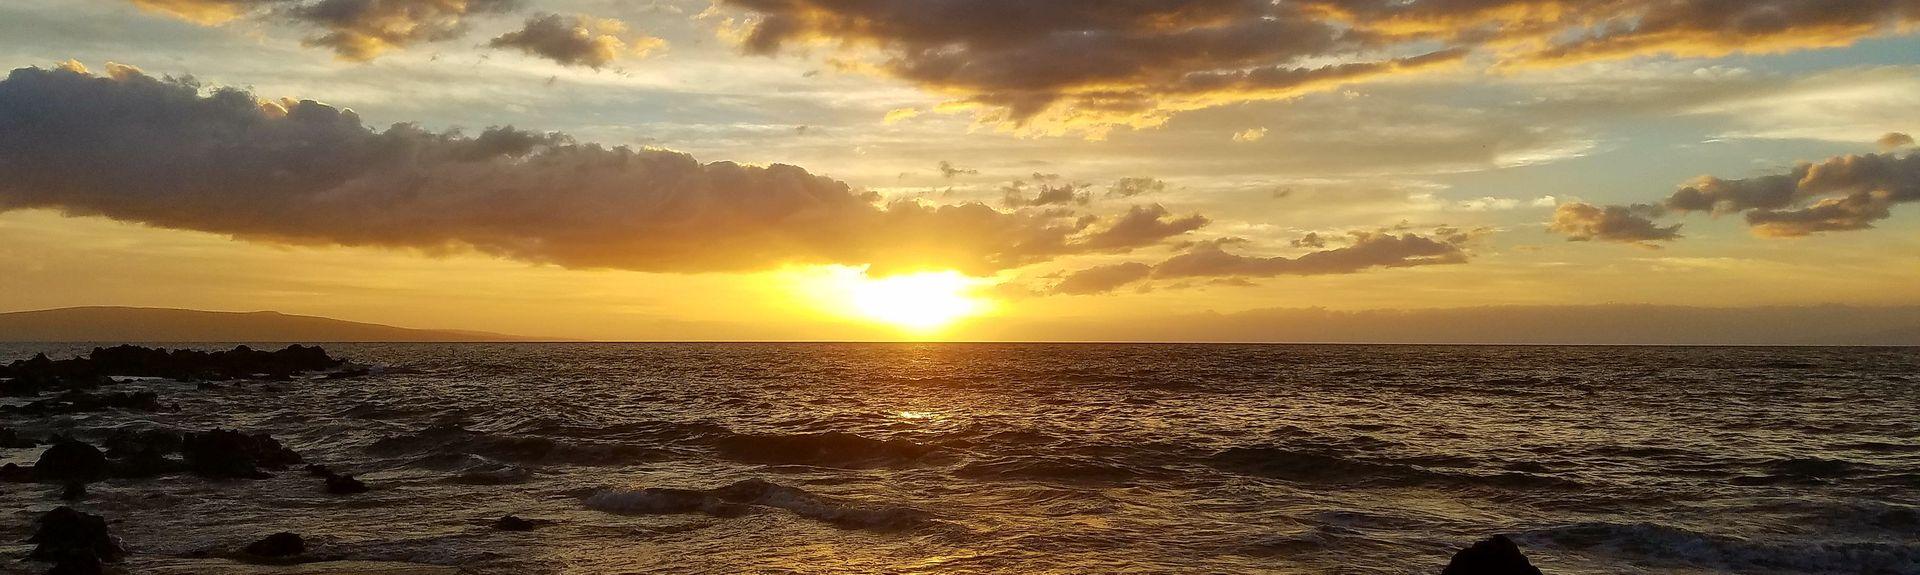 Maui Banyan (Kīhei, Hawaii, Vereinigte Staaten)